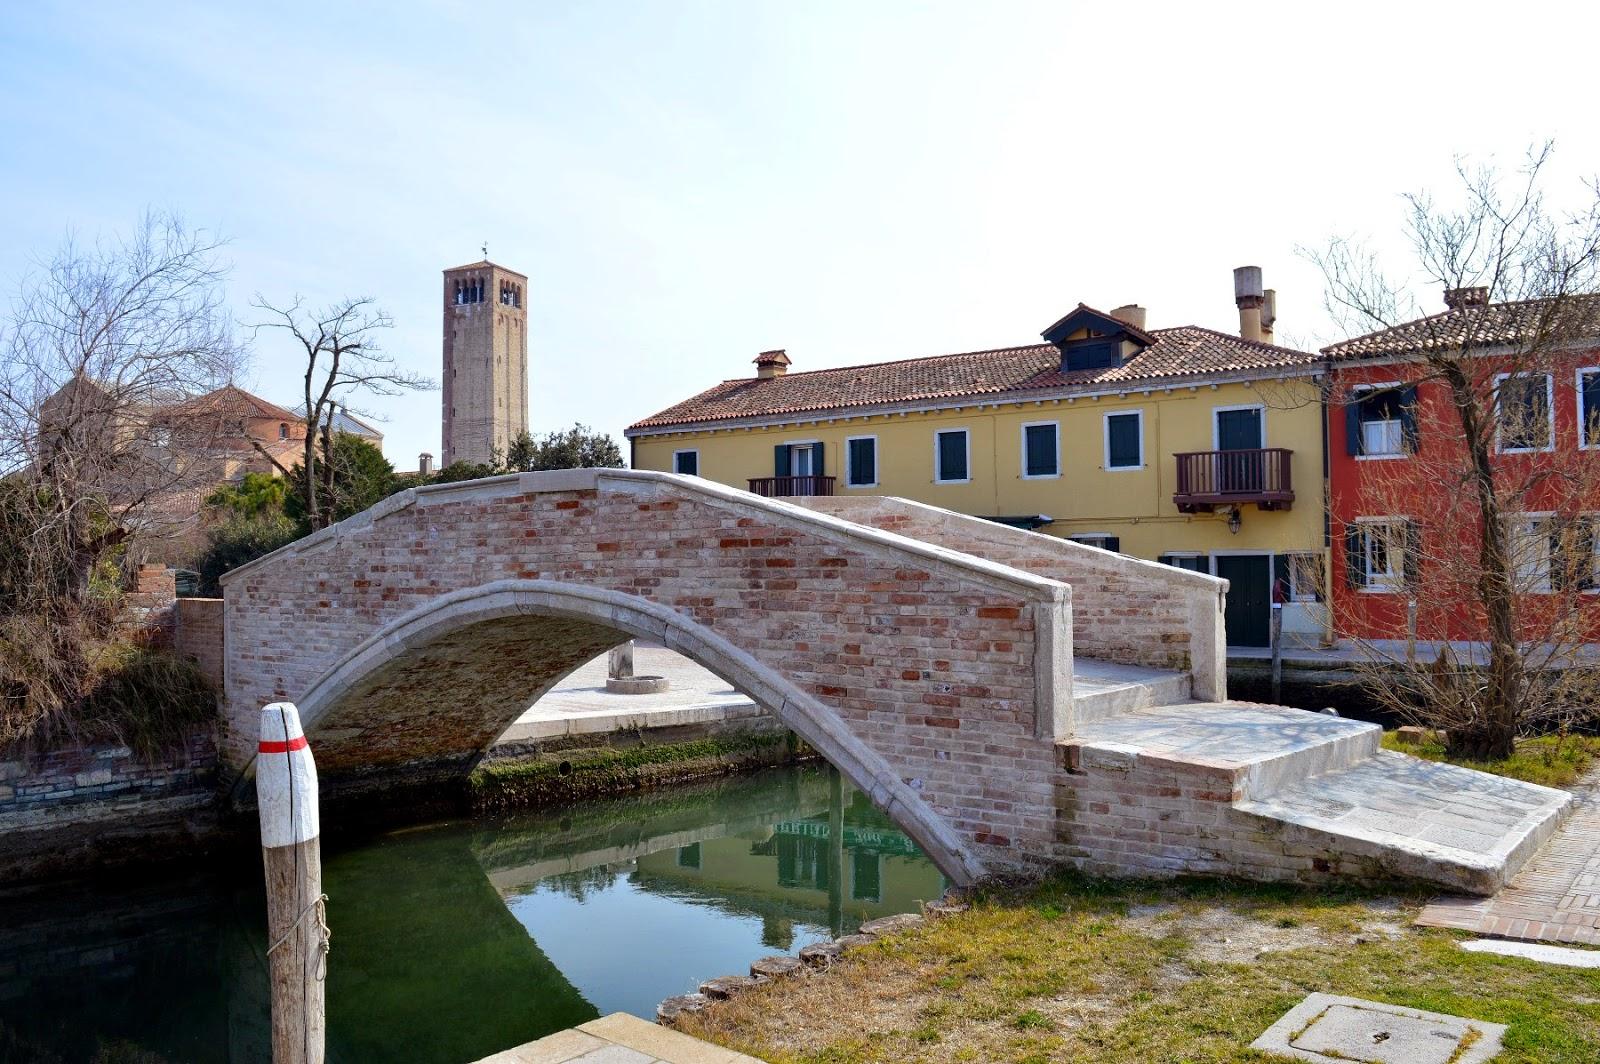 escursione alle isole della laguna di venezia